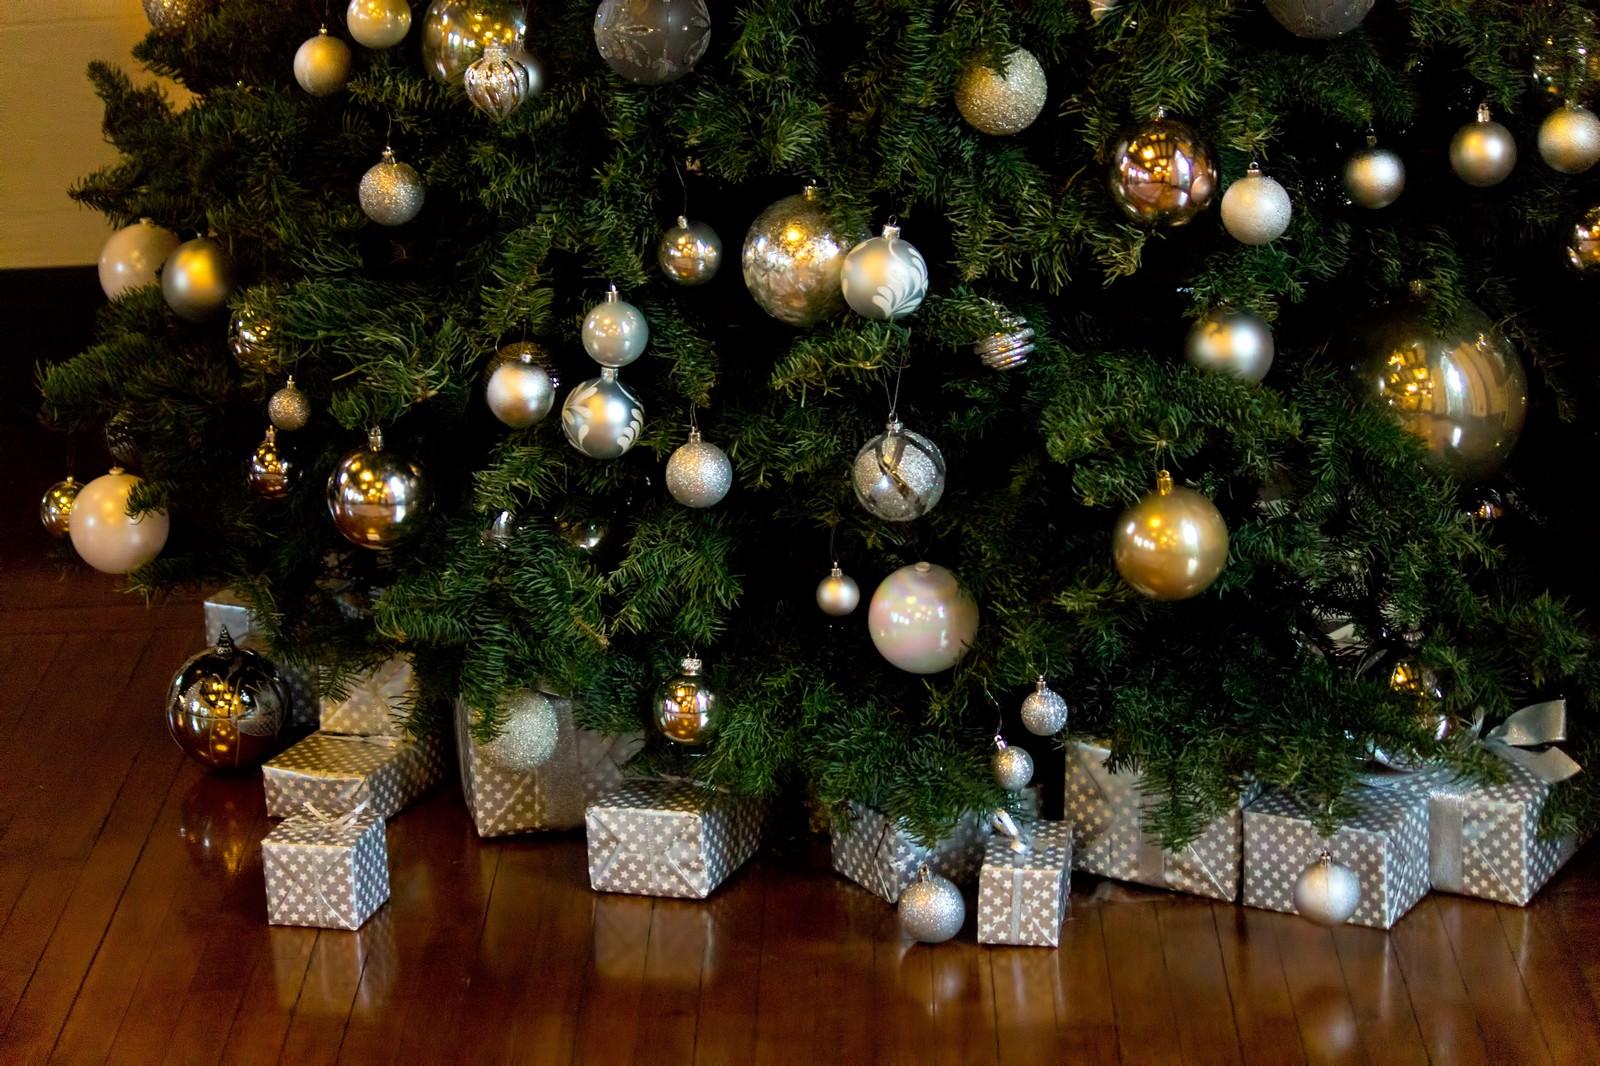 「クリスマスツリーとプレゼント」の写真